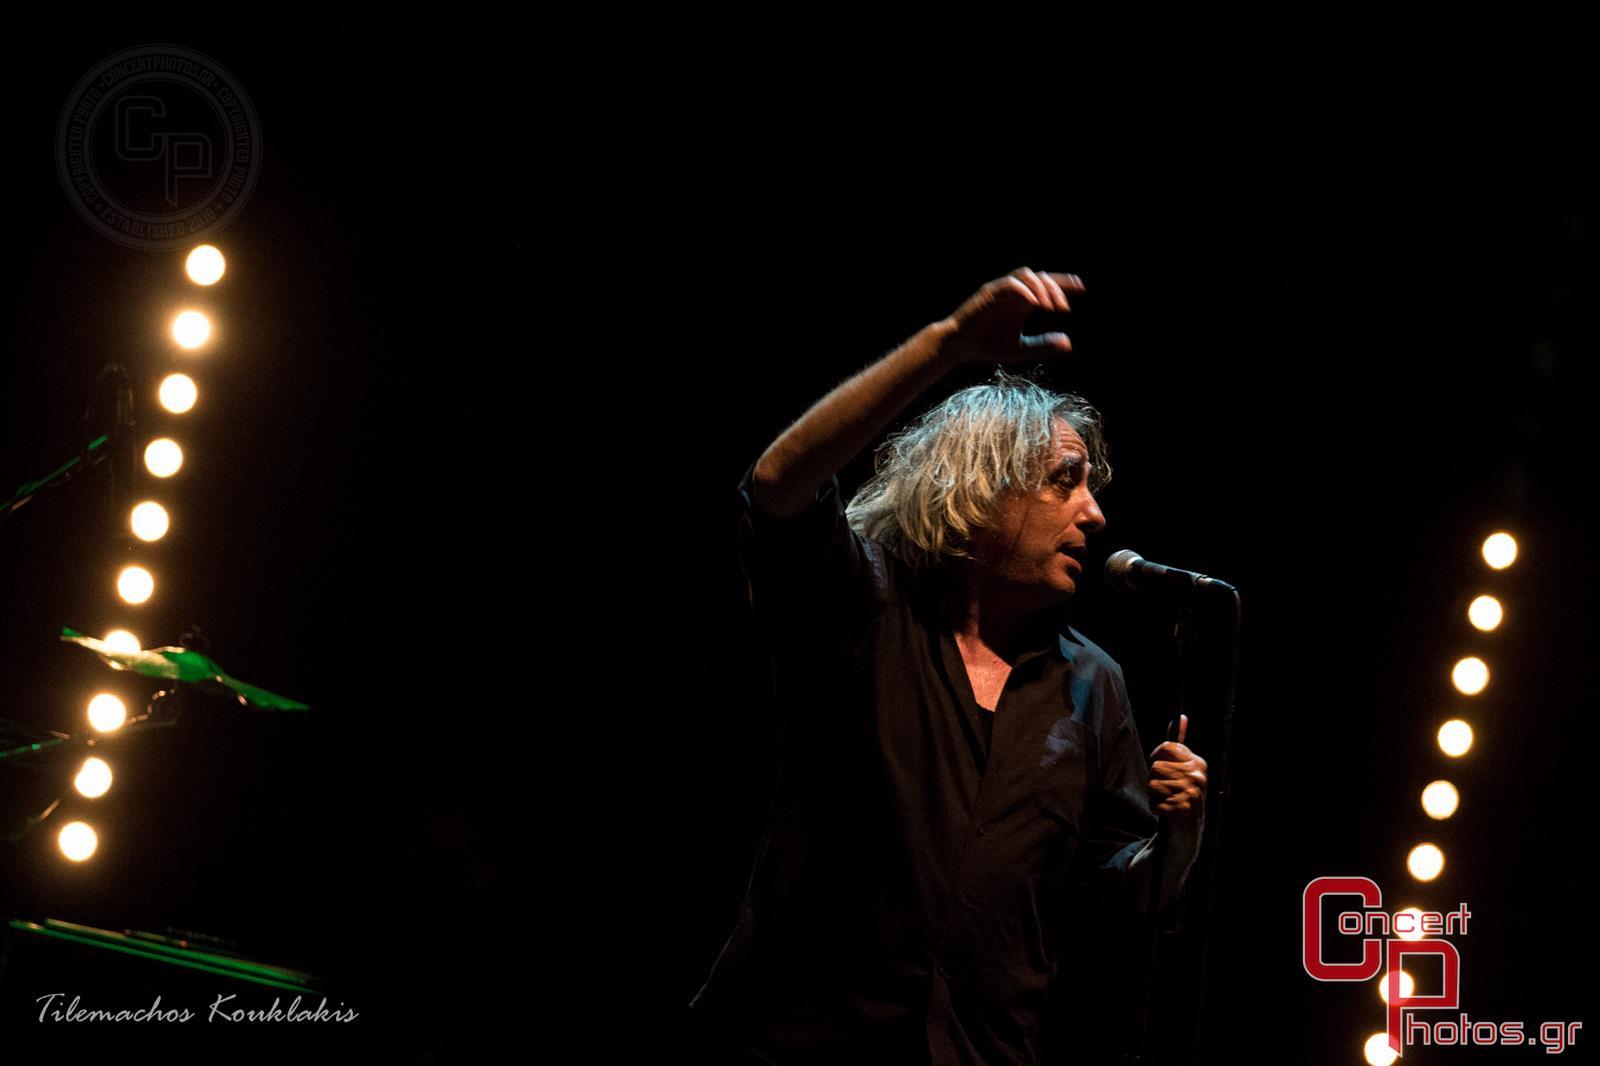 Γιάννης Αγγελάκας - Σύννεφα με Παντελόνια-Aggelakas-2 photographer:  - concertphotos_-1405153299